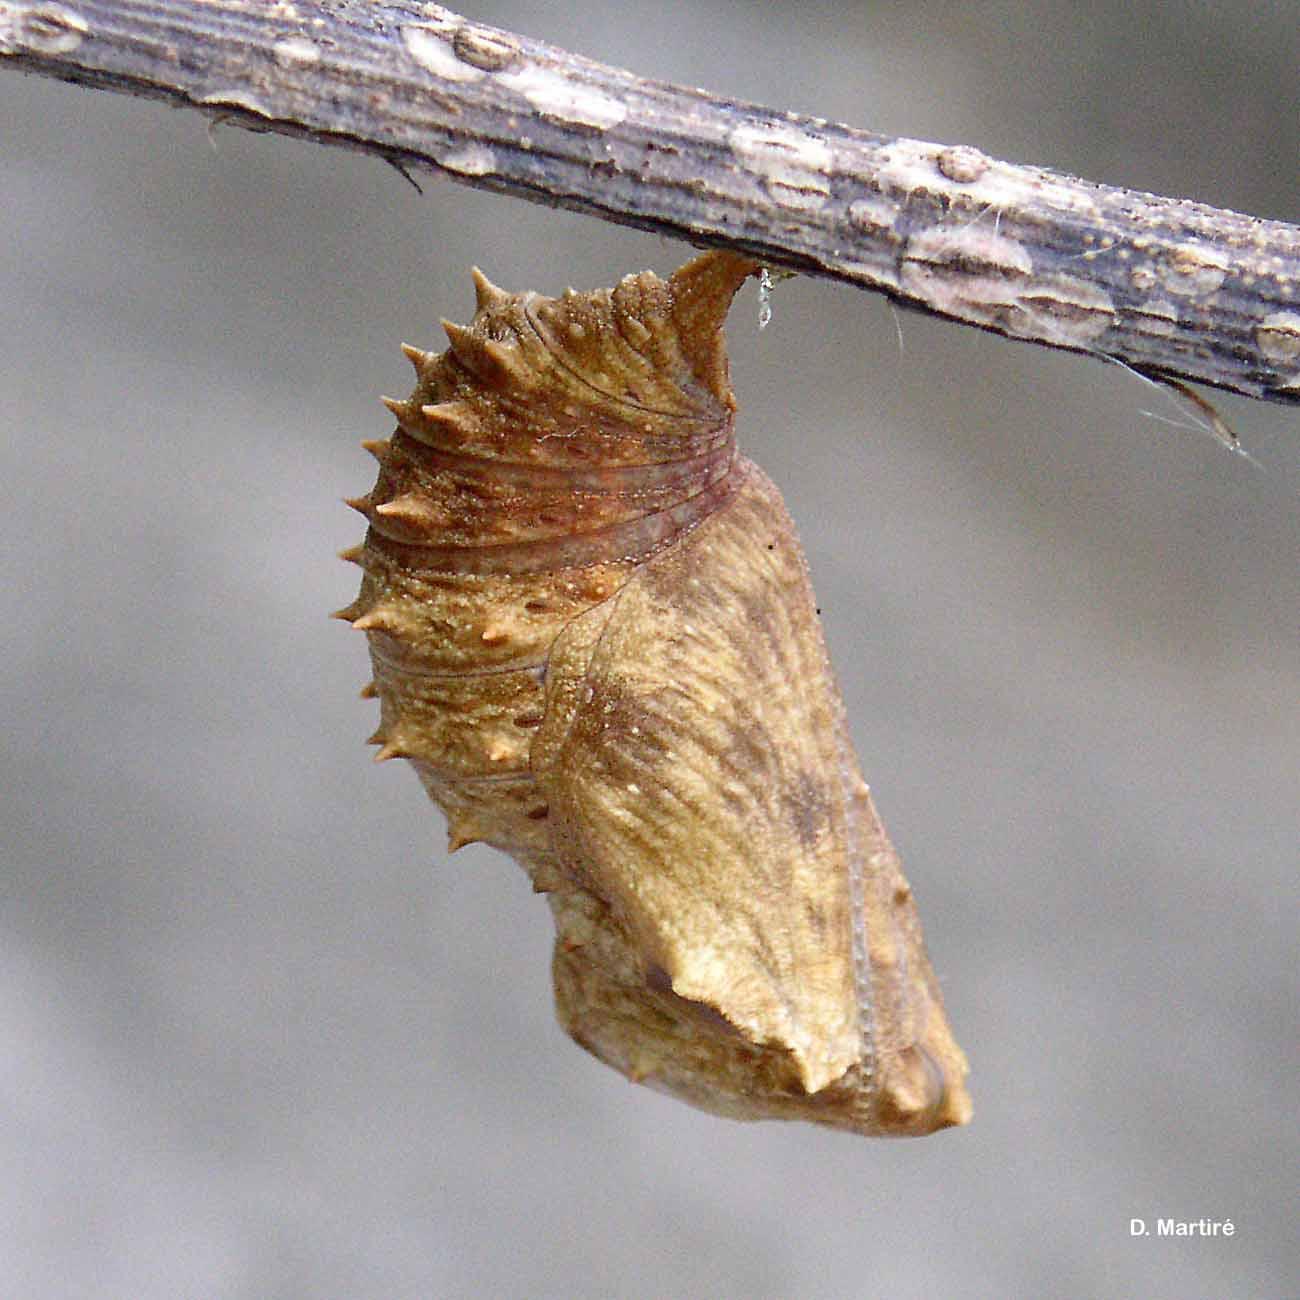 Hypolimnas misippus